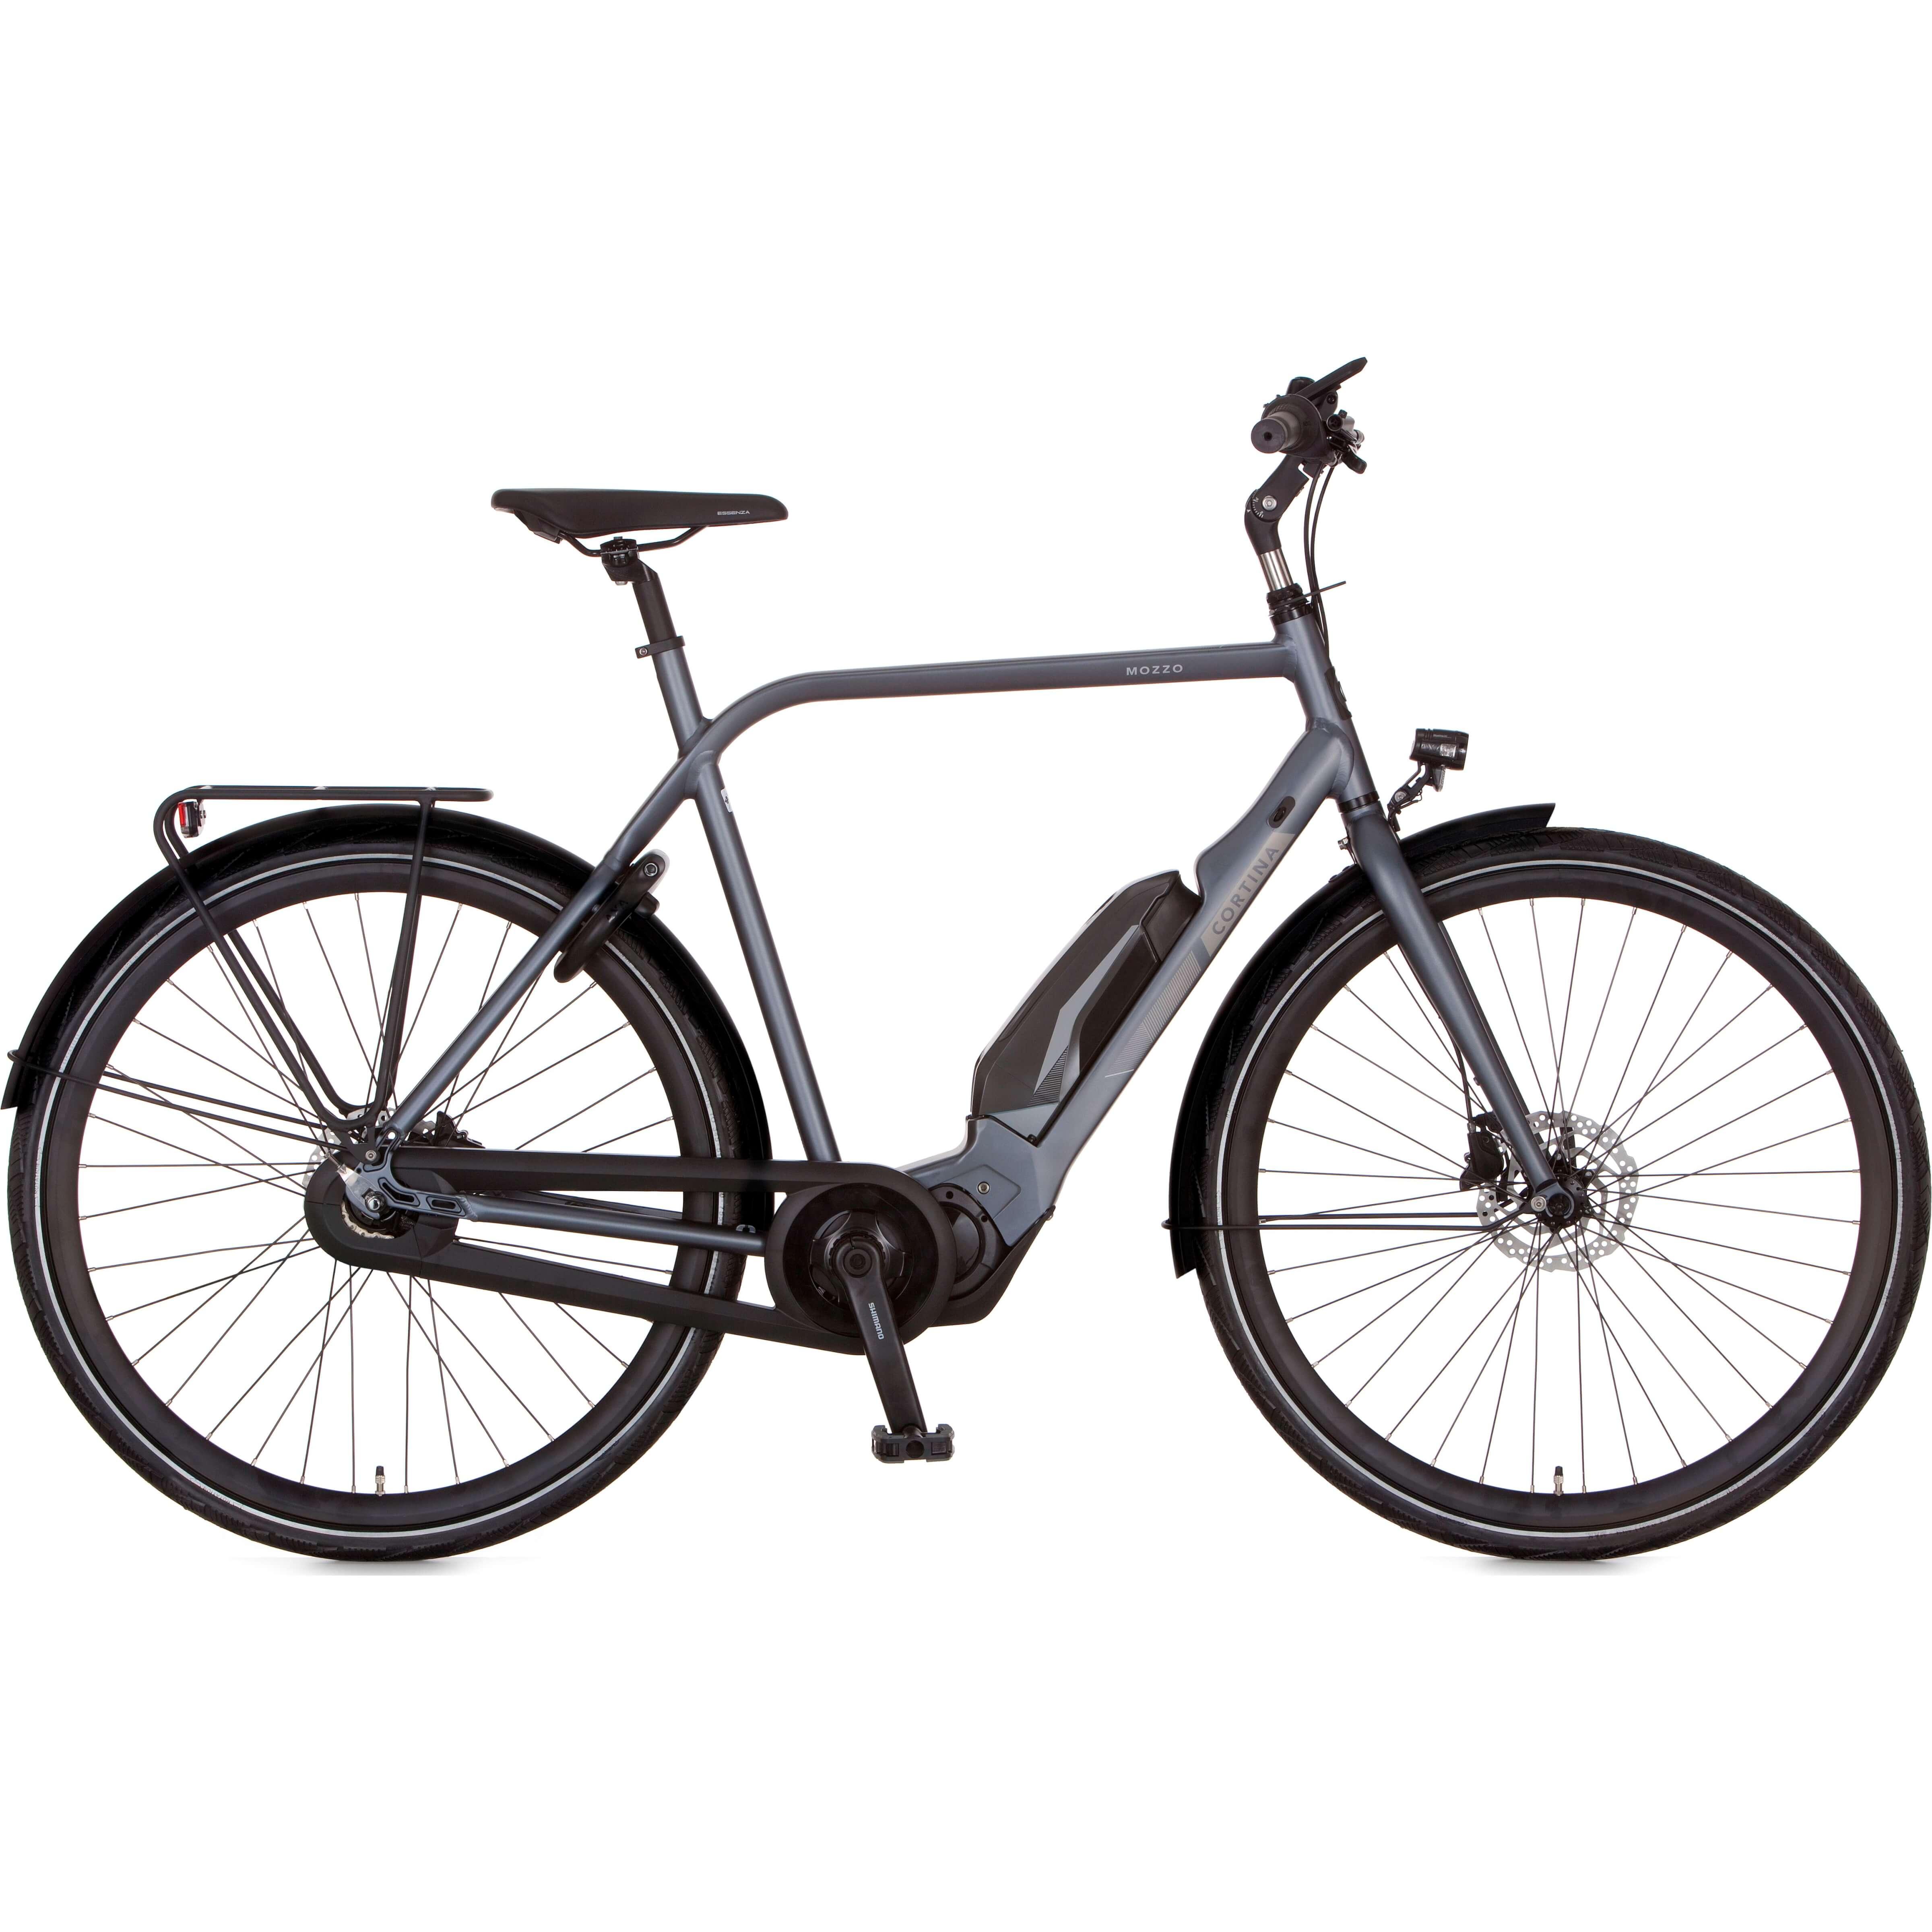 Cortina E-Mozzo elektrische fiets